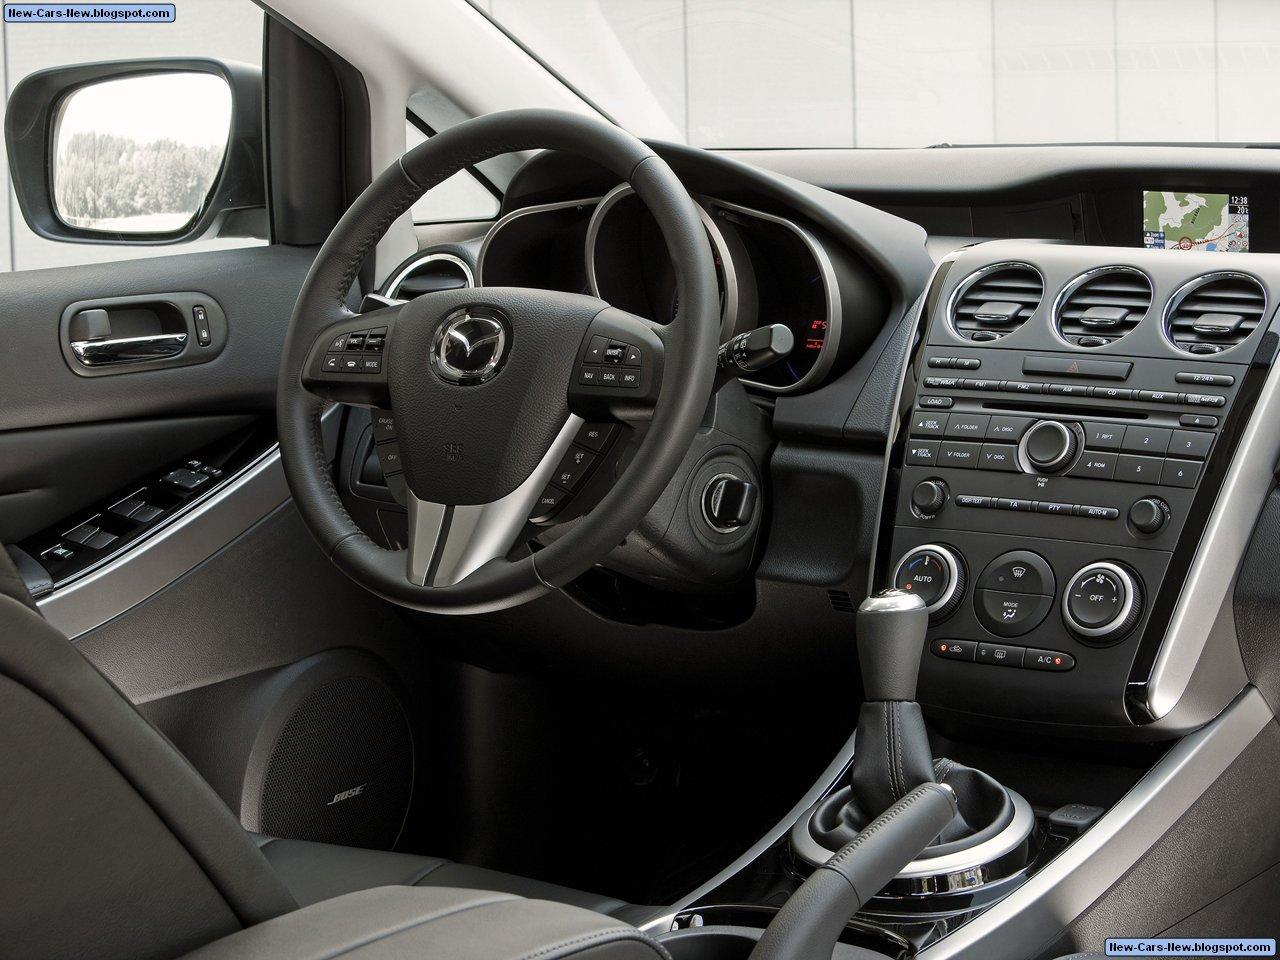 http://1.bp.blogspot.com/_U4w592tUDHM/TB95cddmOdI/AAAAAAAABuM/Hi8_f_1-qJw/s1600/Mazda-CX-7_2010_1280x960_wallpaper_07.jpg